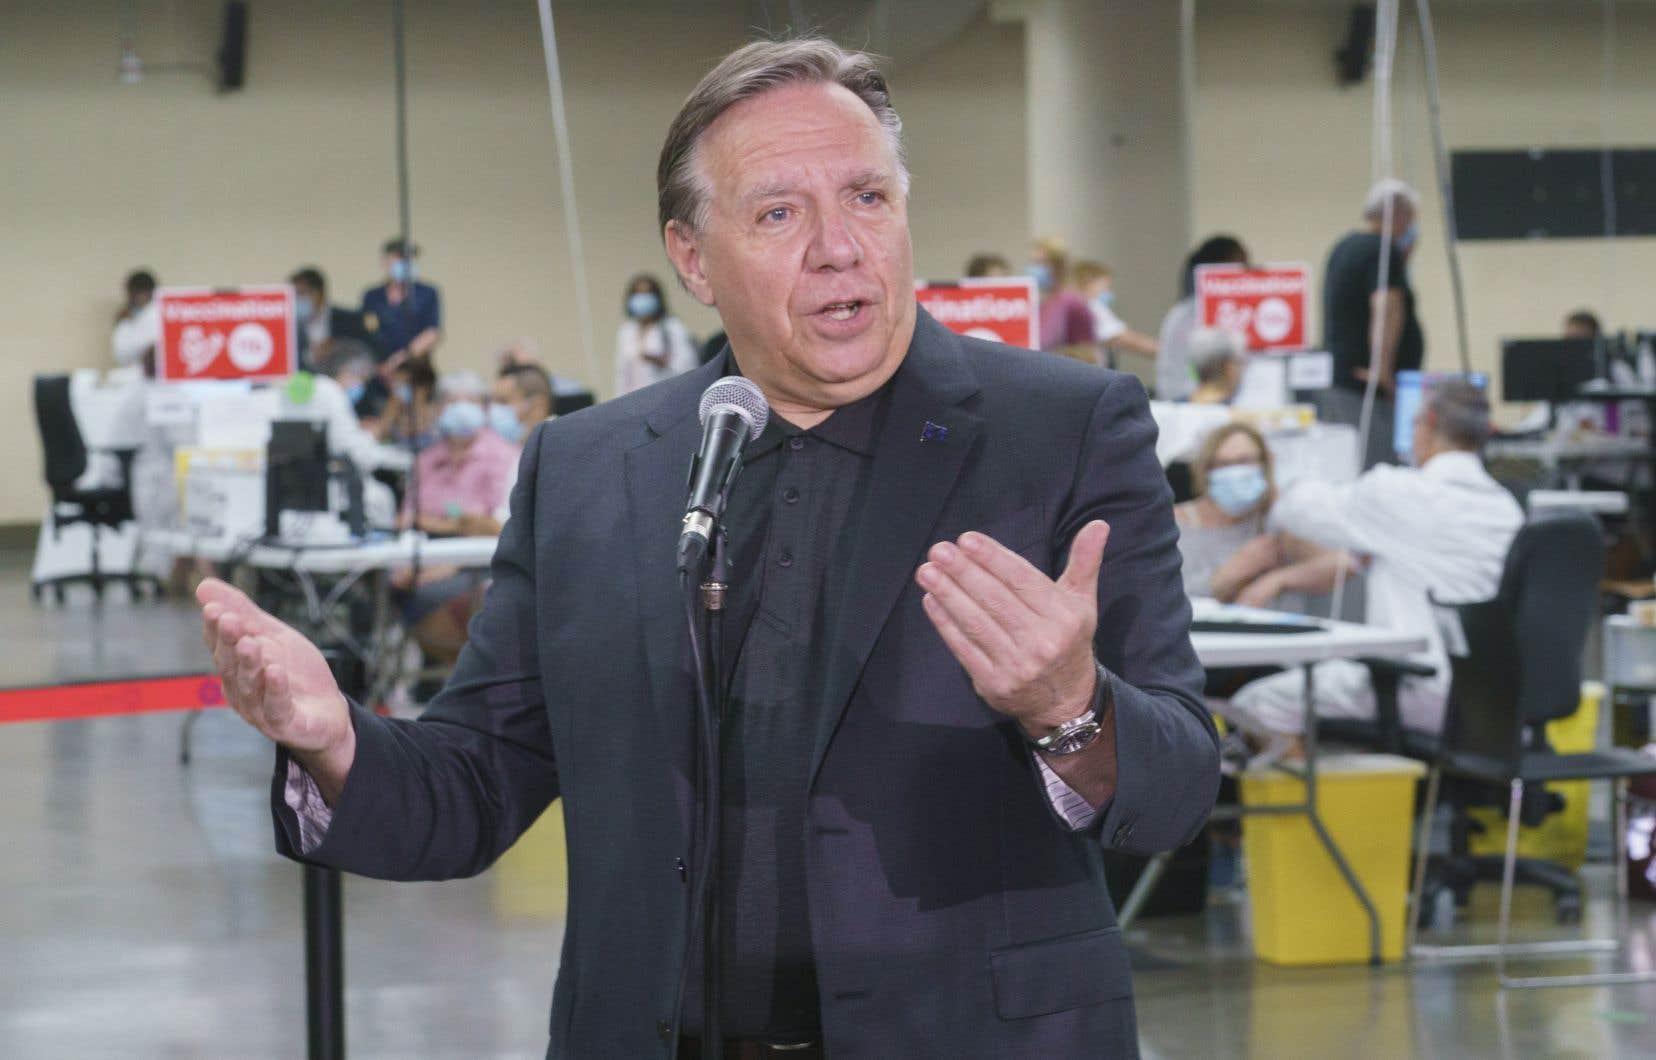 François Legaulta répondu aux questions des journalistes peu après avoir reçu sa seconde dose de vaccin contre la COVID-19 au Stade olympique de Montréal.